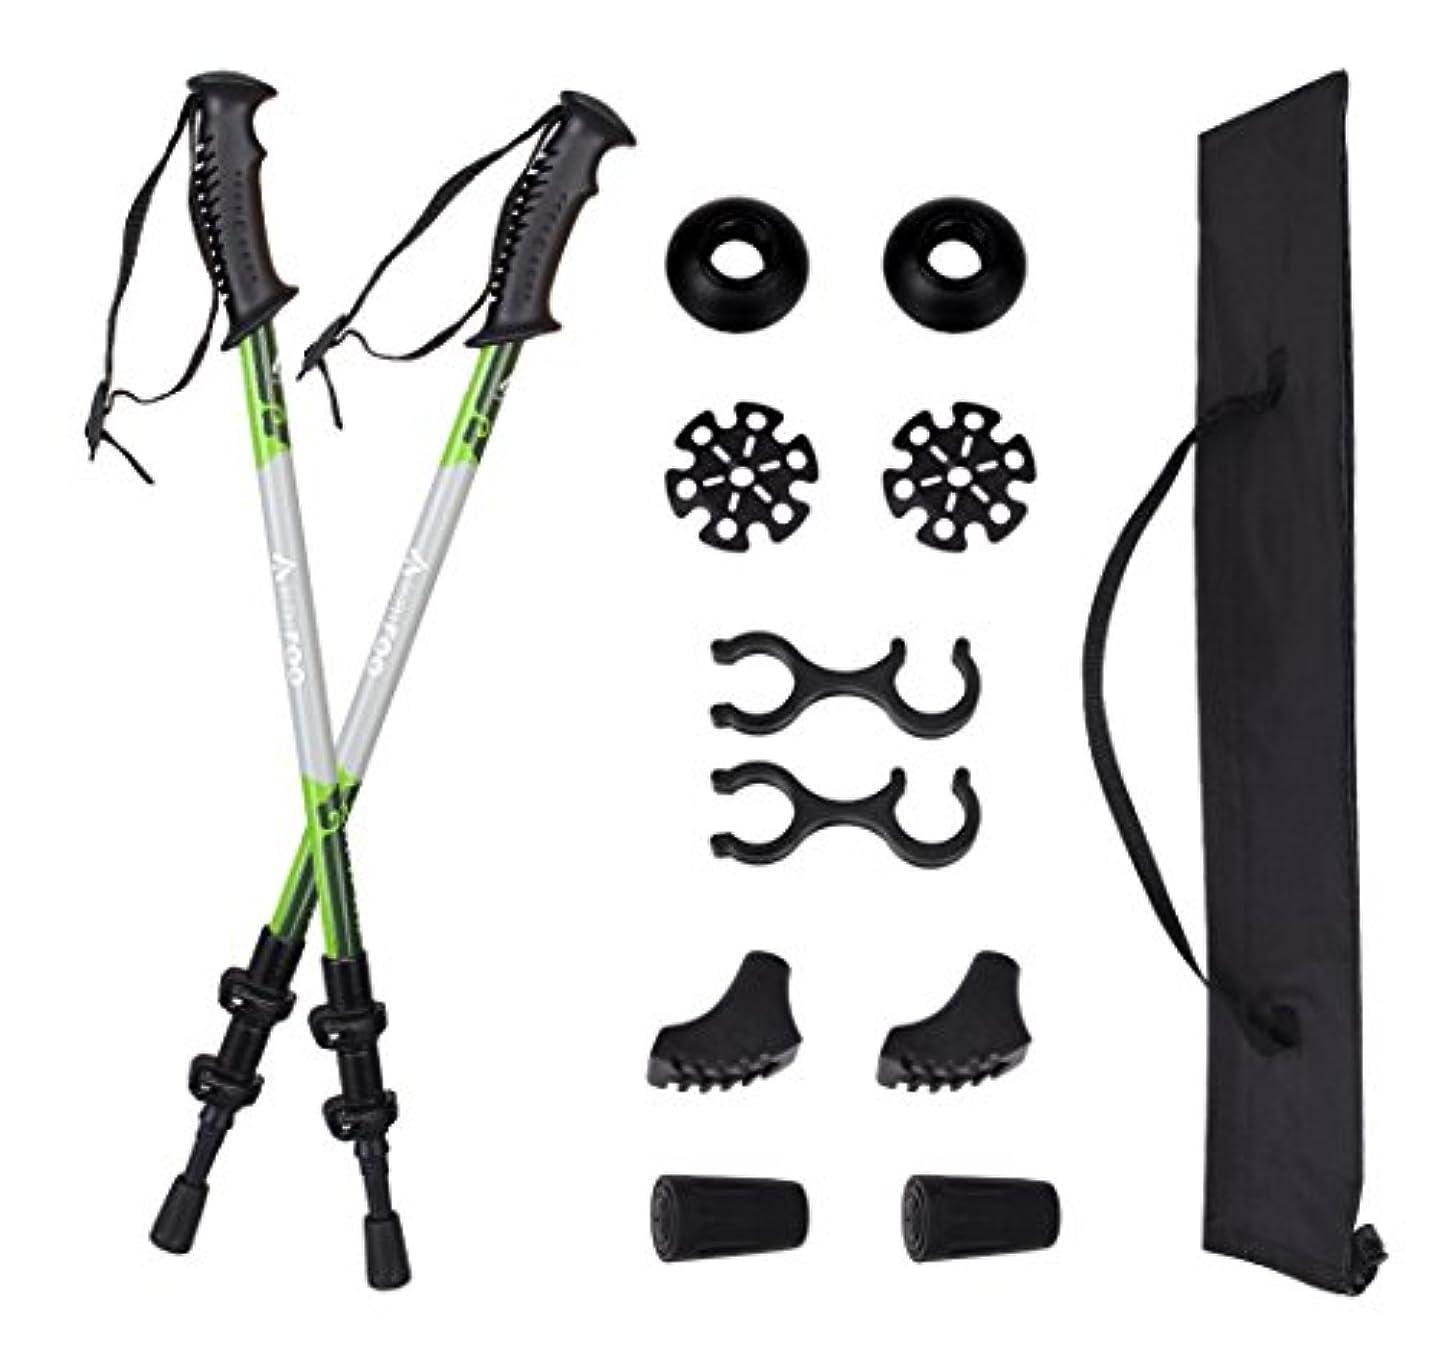 イーウェル豪華な懐疑的WATERFLY(ウォーターフライ) トレッキングポール 軽量アルミ製 2本セット 高強度 耐久性 耐磨耗 長さの調整可能 3段伸縮 便利 収納ケース付き 附属品付き 登山 遠足 步行